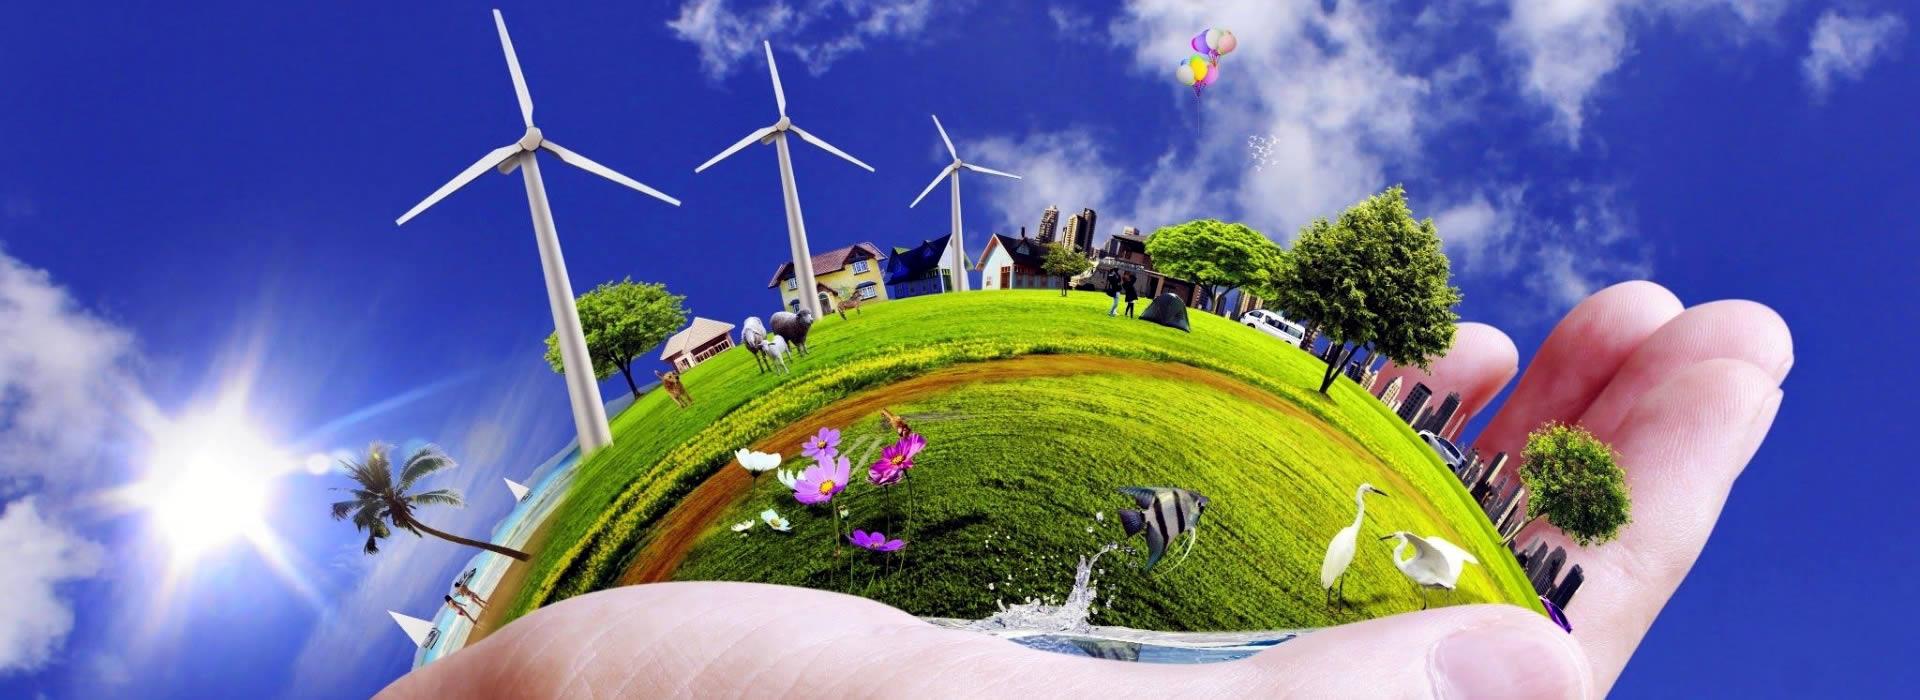 Giornata della Terra 22 Aprile 2022